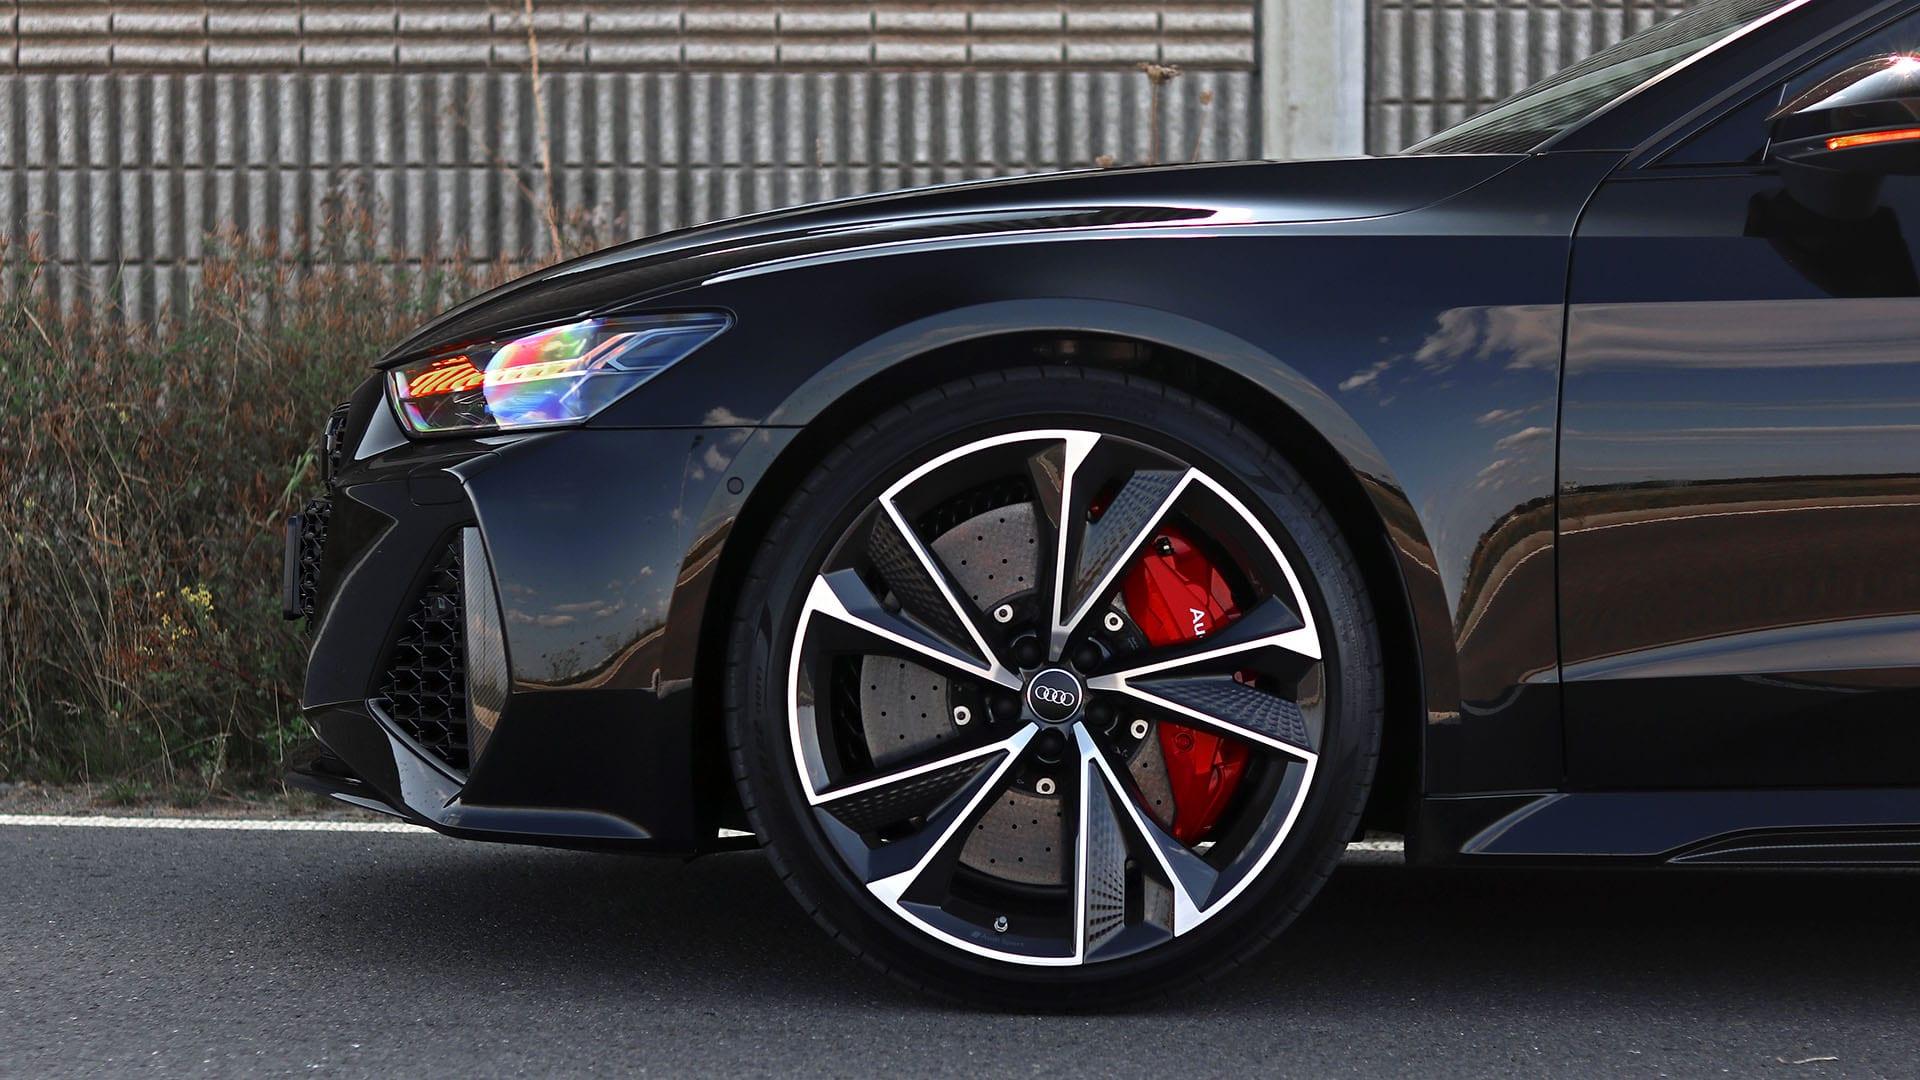 Audi RS7 Sportback - brzdy